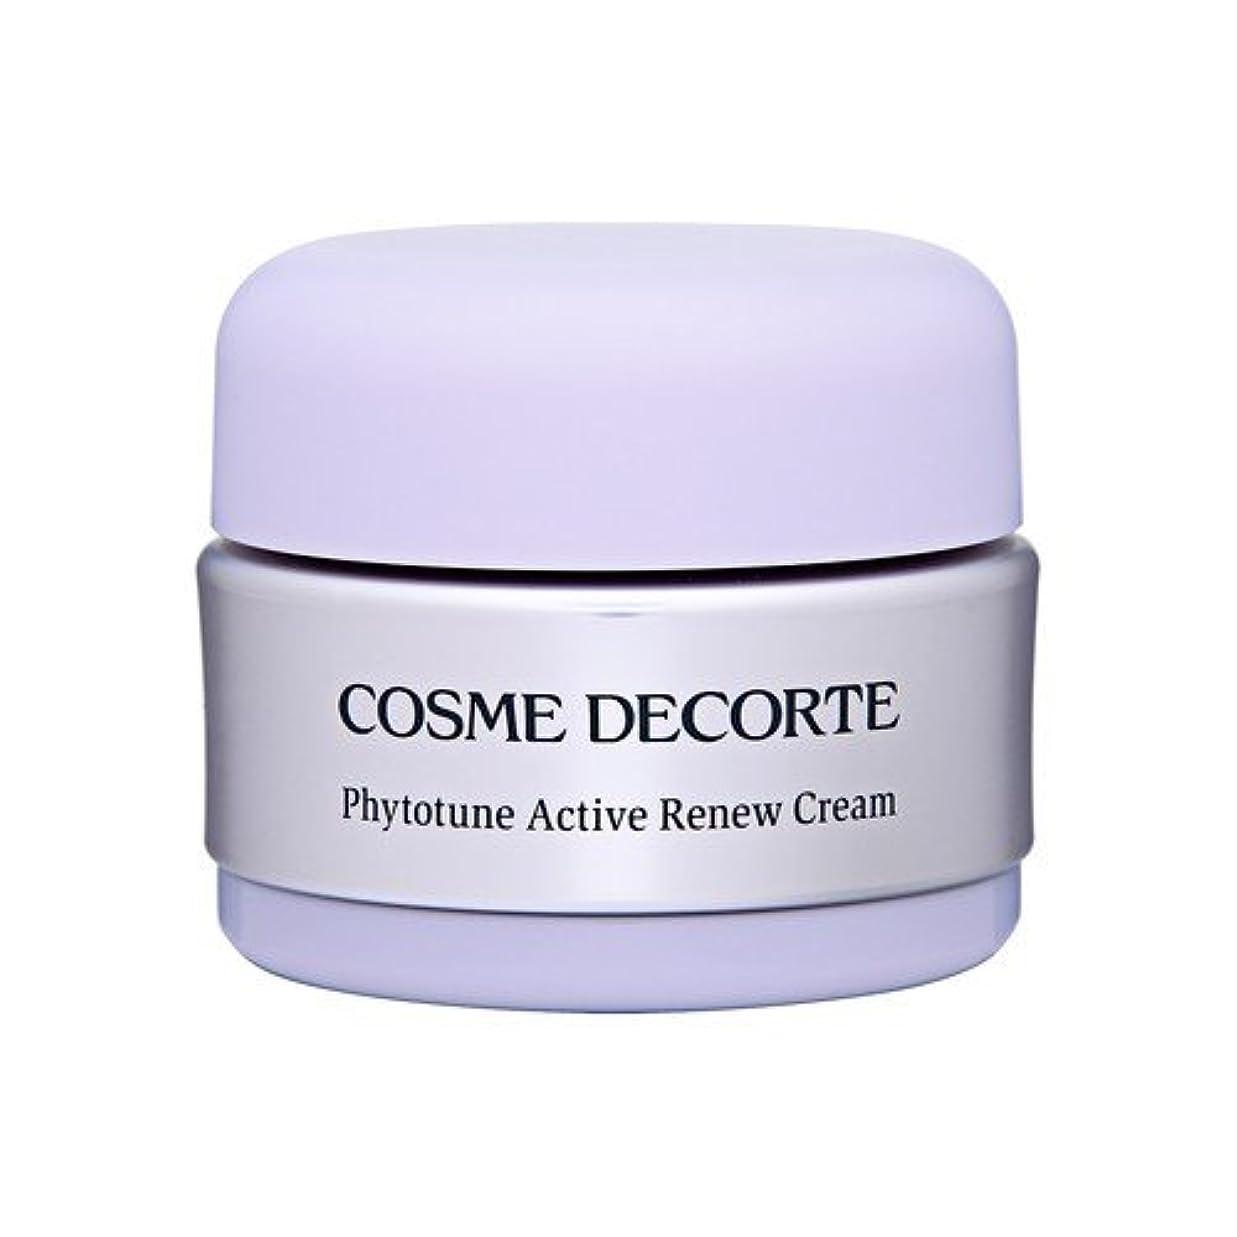 コスメ デコルテ(COSME DECORTE) フィトチューンアクティブリニュークリーム 30g [364491][並行輸入品]